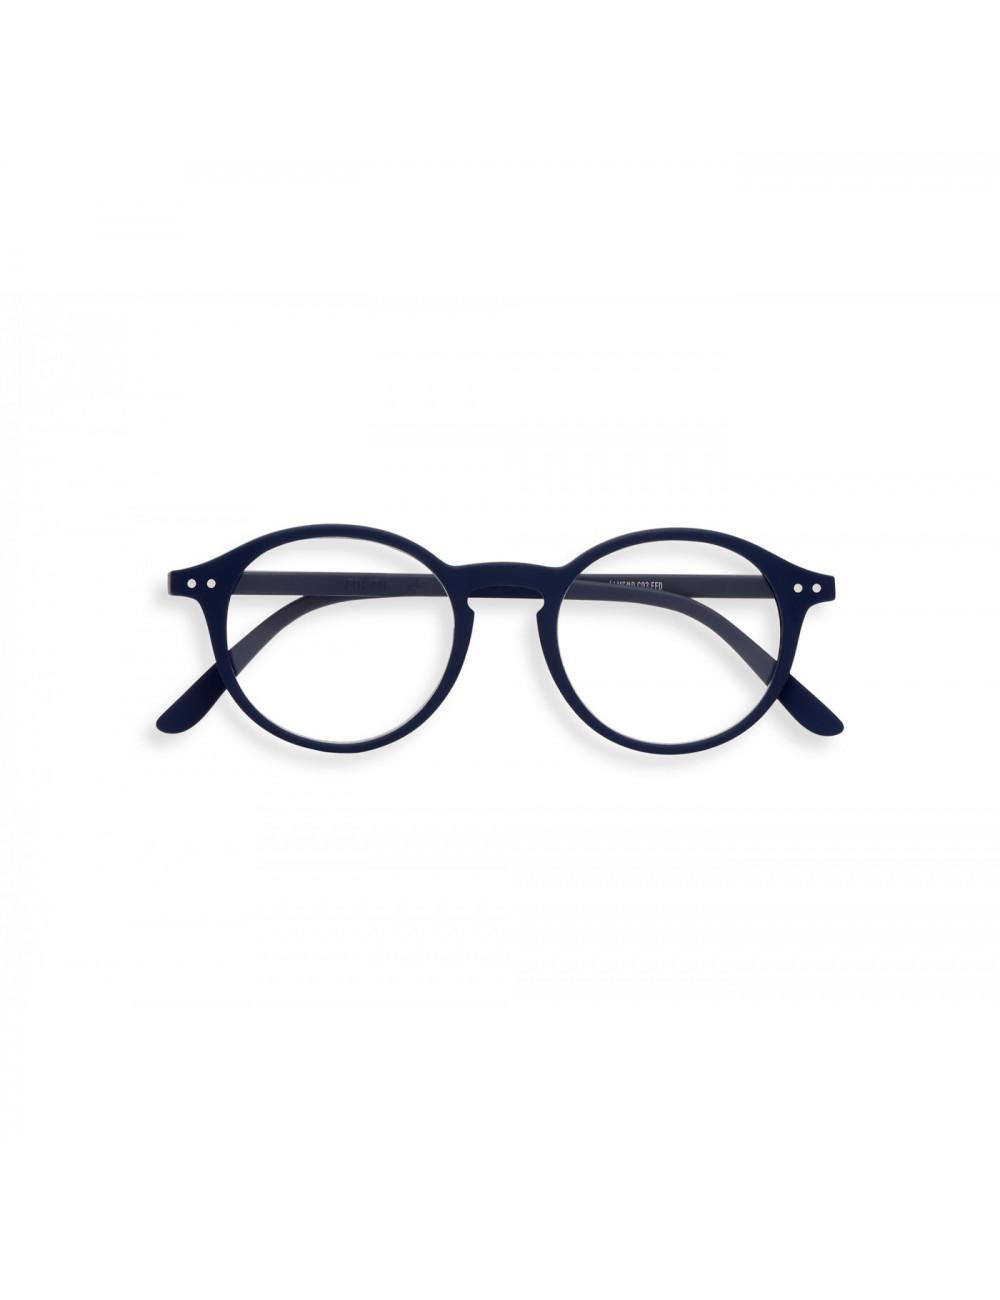 Leesbril D| navy blauw